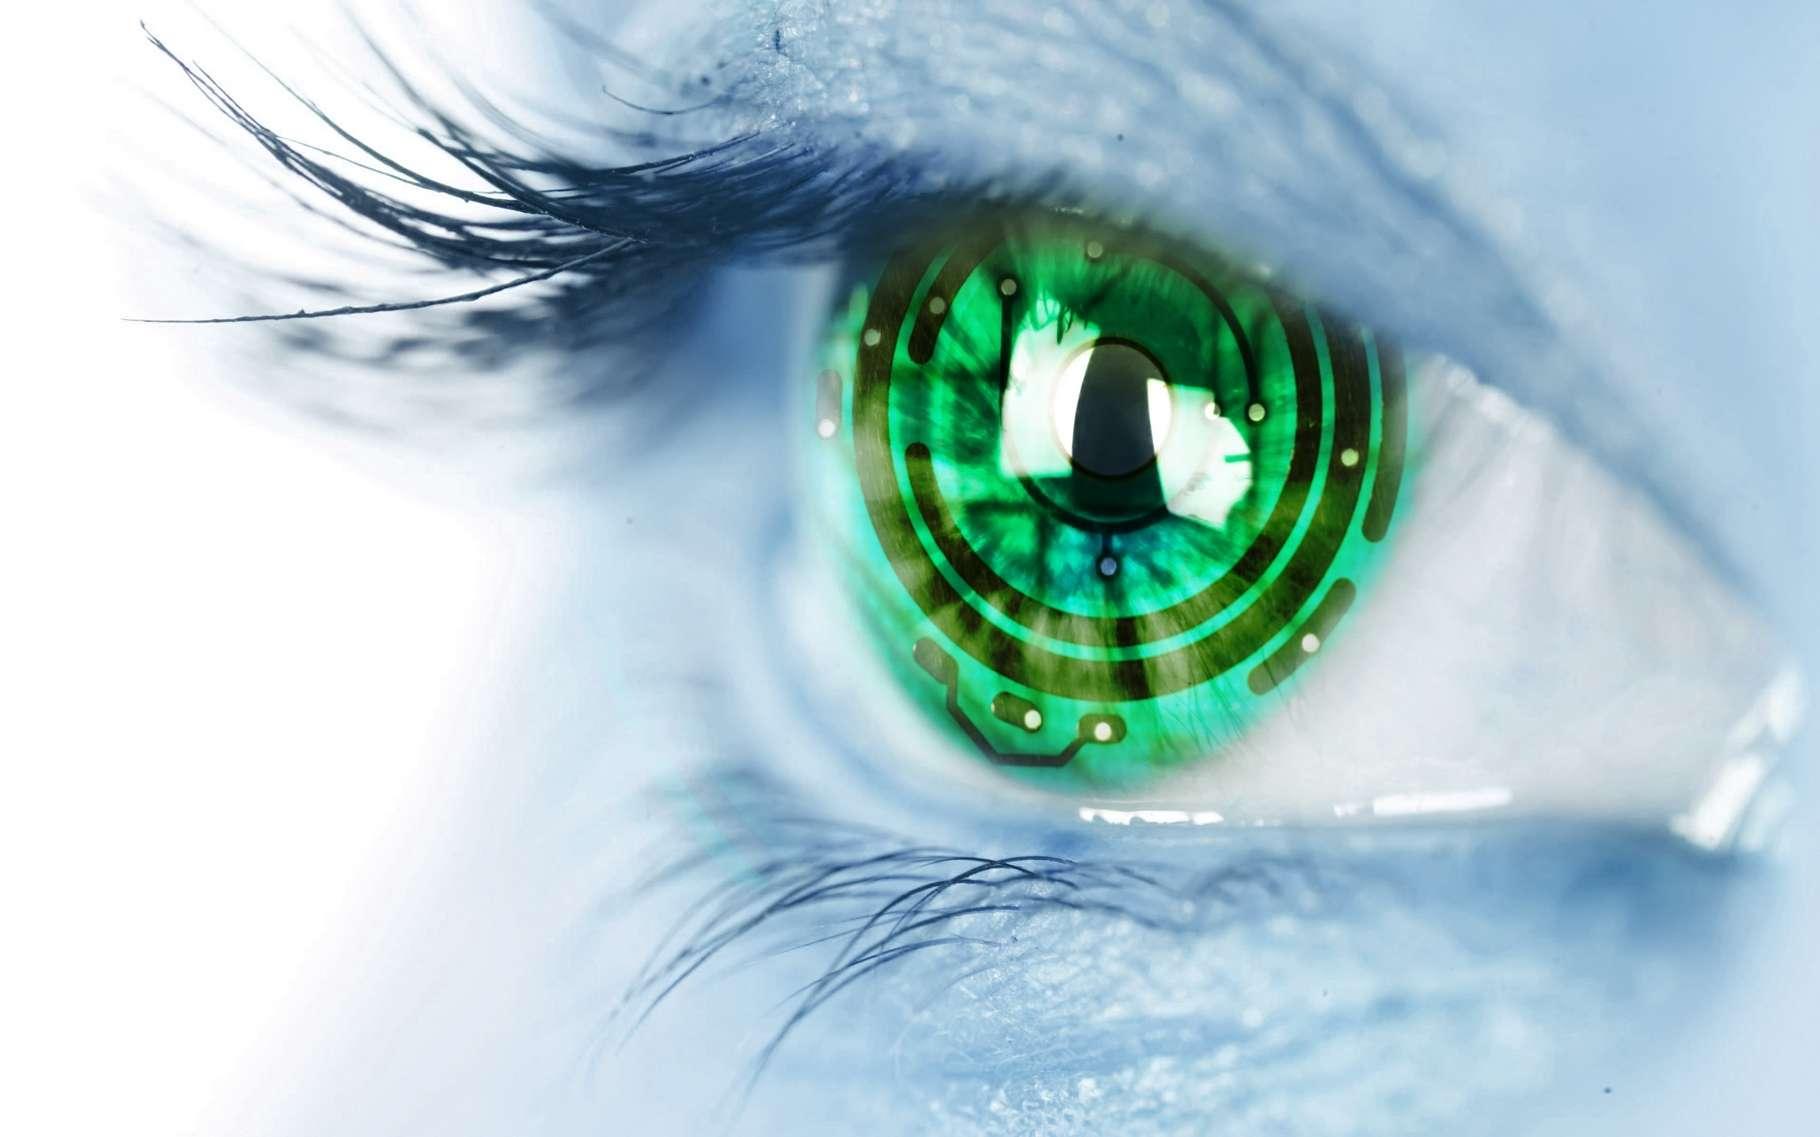 Samsung a poussé à l'extrême le concept des Google Glass en imaginant que la technologie puisse être intégrée directement dans des lentilles de contact. © PeterPhoto123, Shutterstock